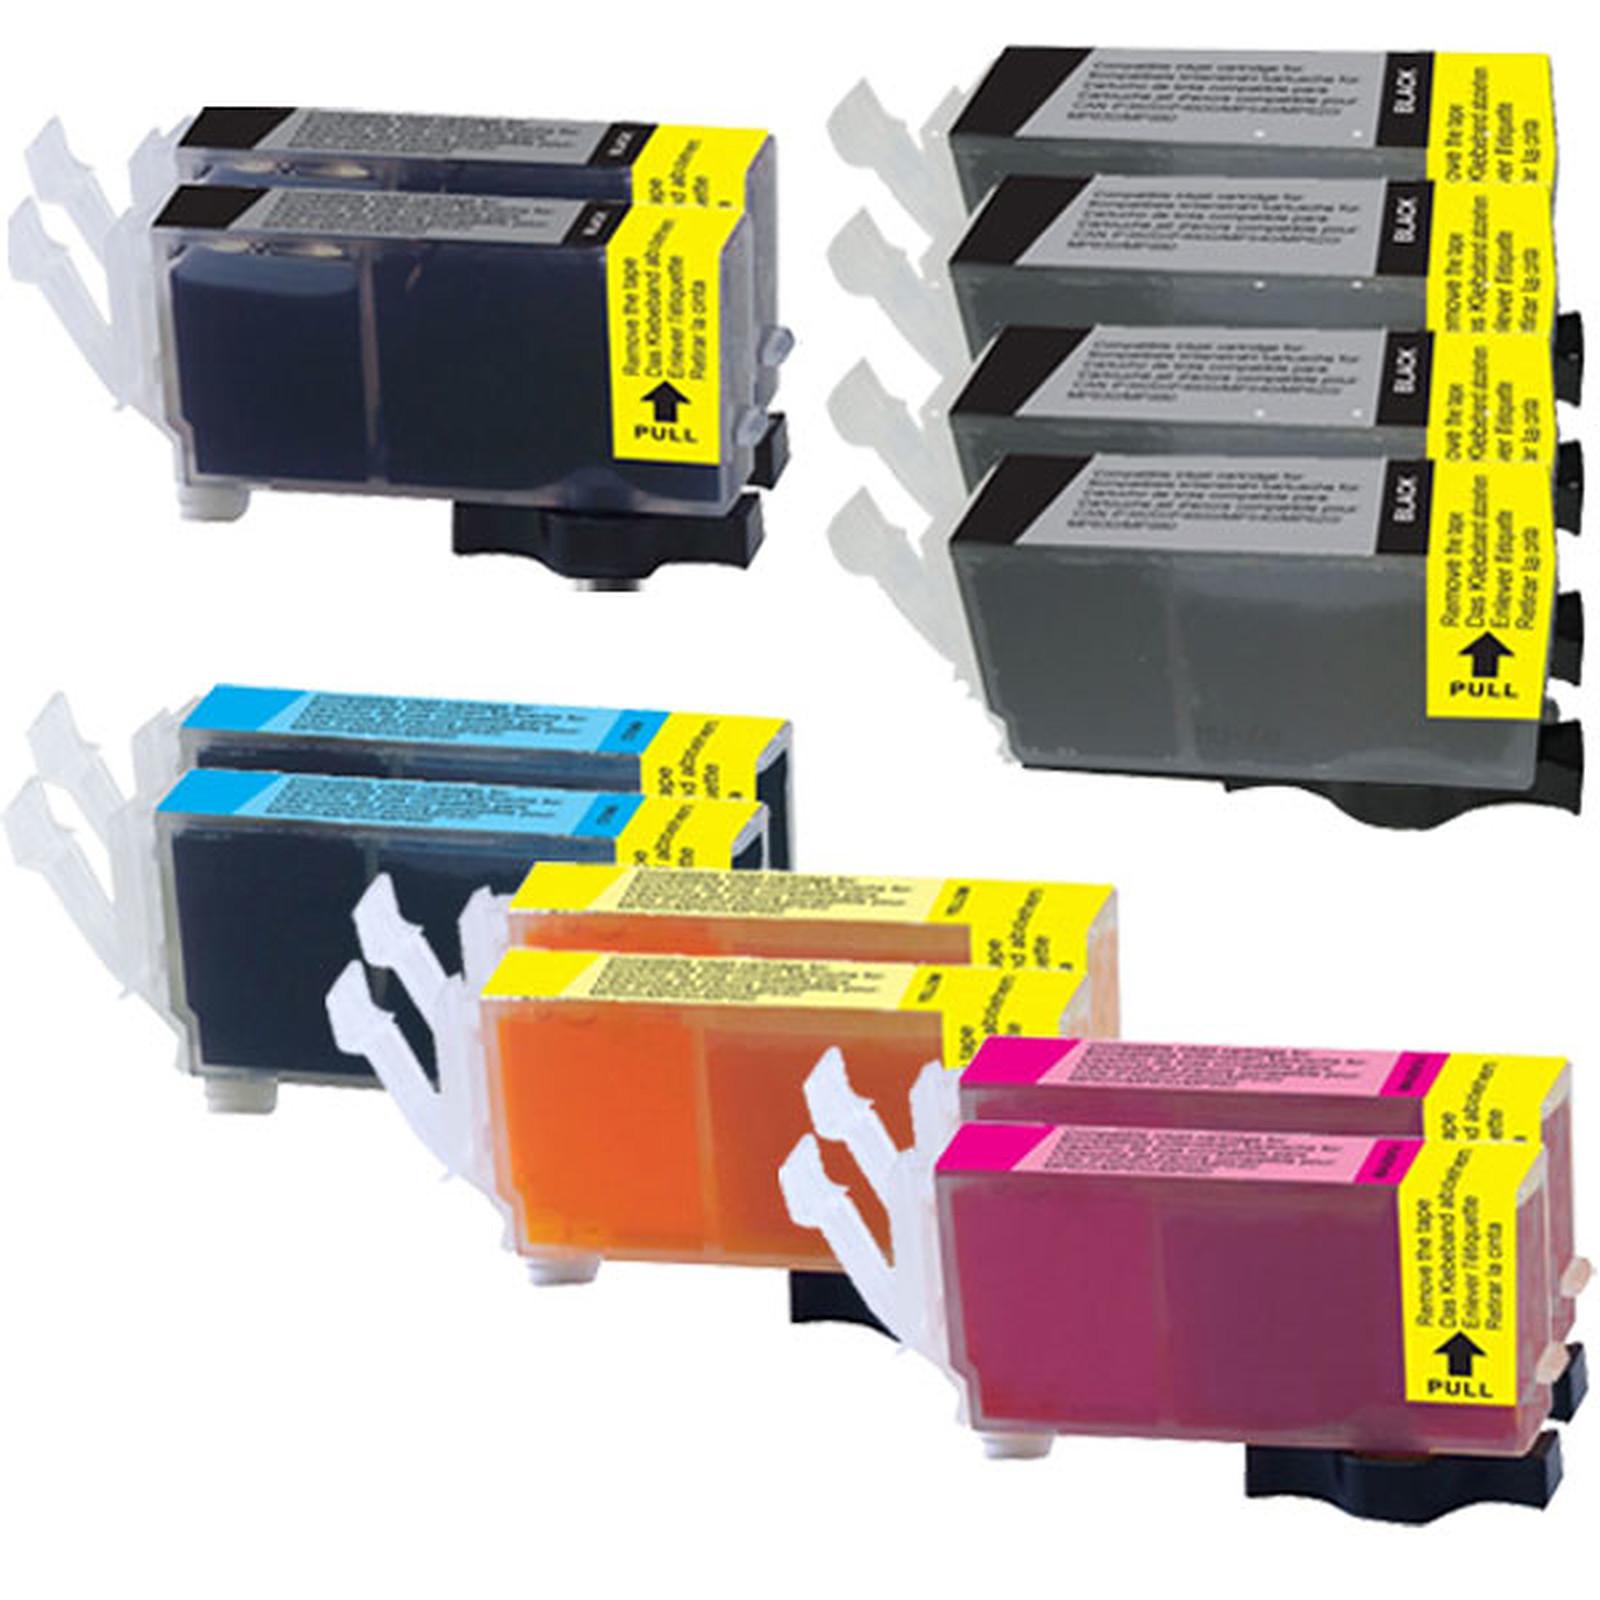 Megapack cartouches compatibles Canon PGI-520/CLI-521 (Cyan, magenta, jaune et noir)